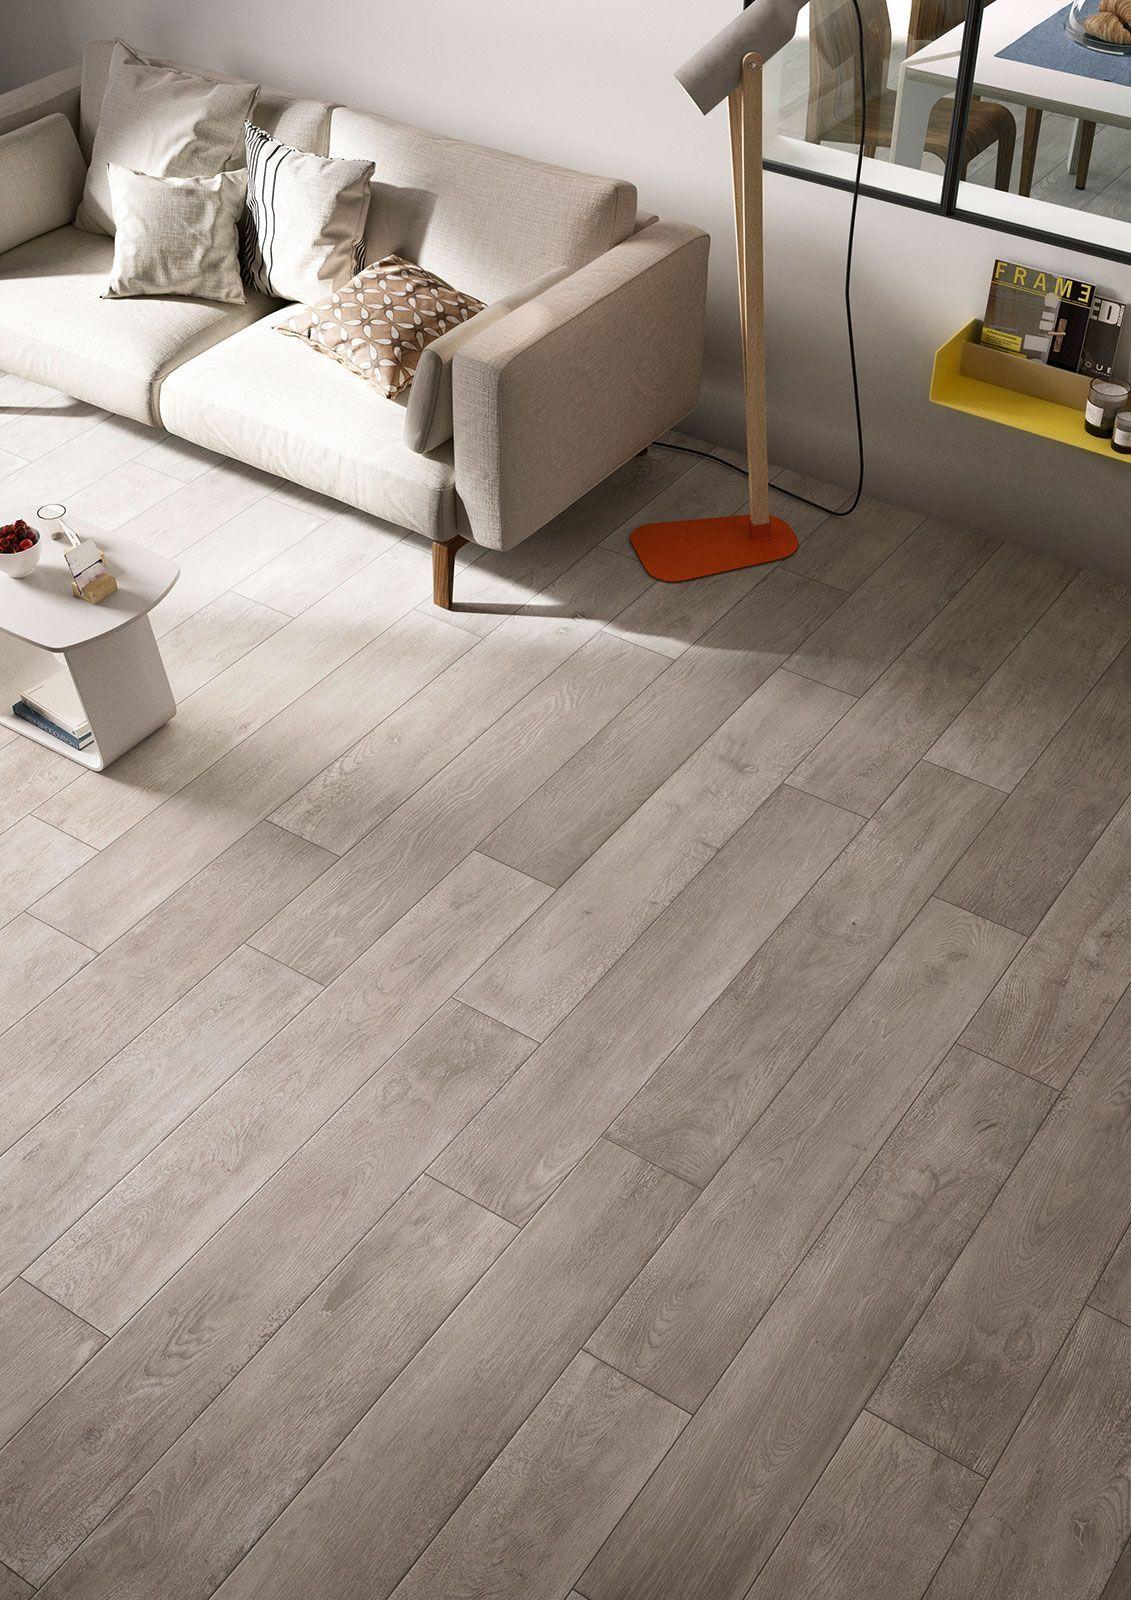 Impressive Wooden Tile Design Flooring For Dwelling Room Profit Https Hometoz Com Wooden Tile Des Tile Floor Living Room Living Room Tiles House Flooring